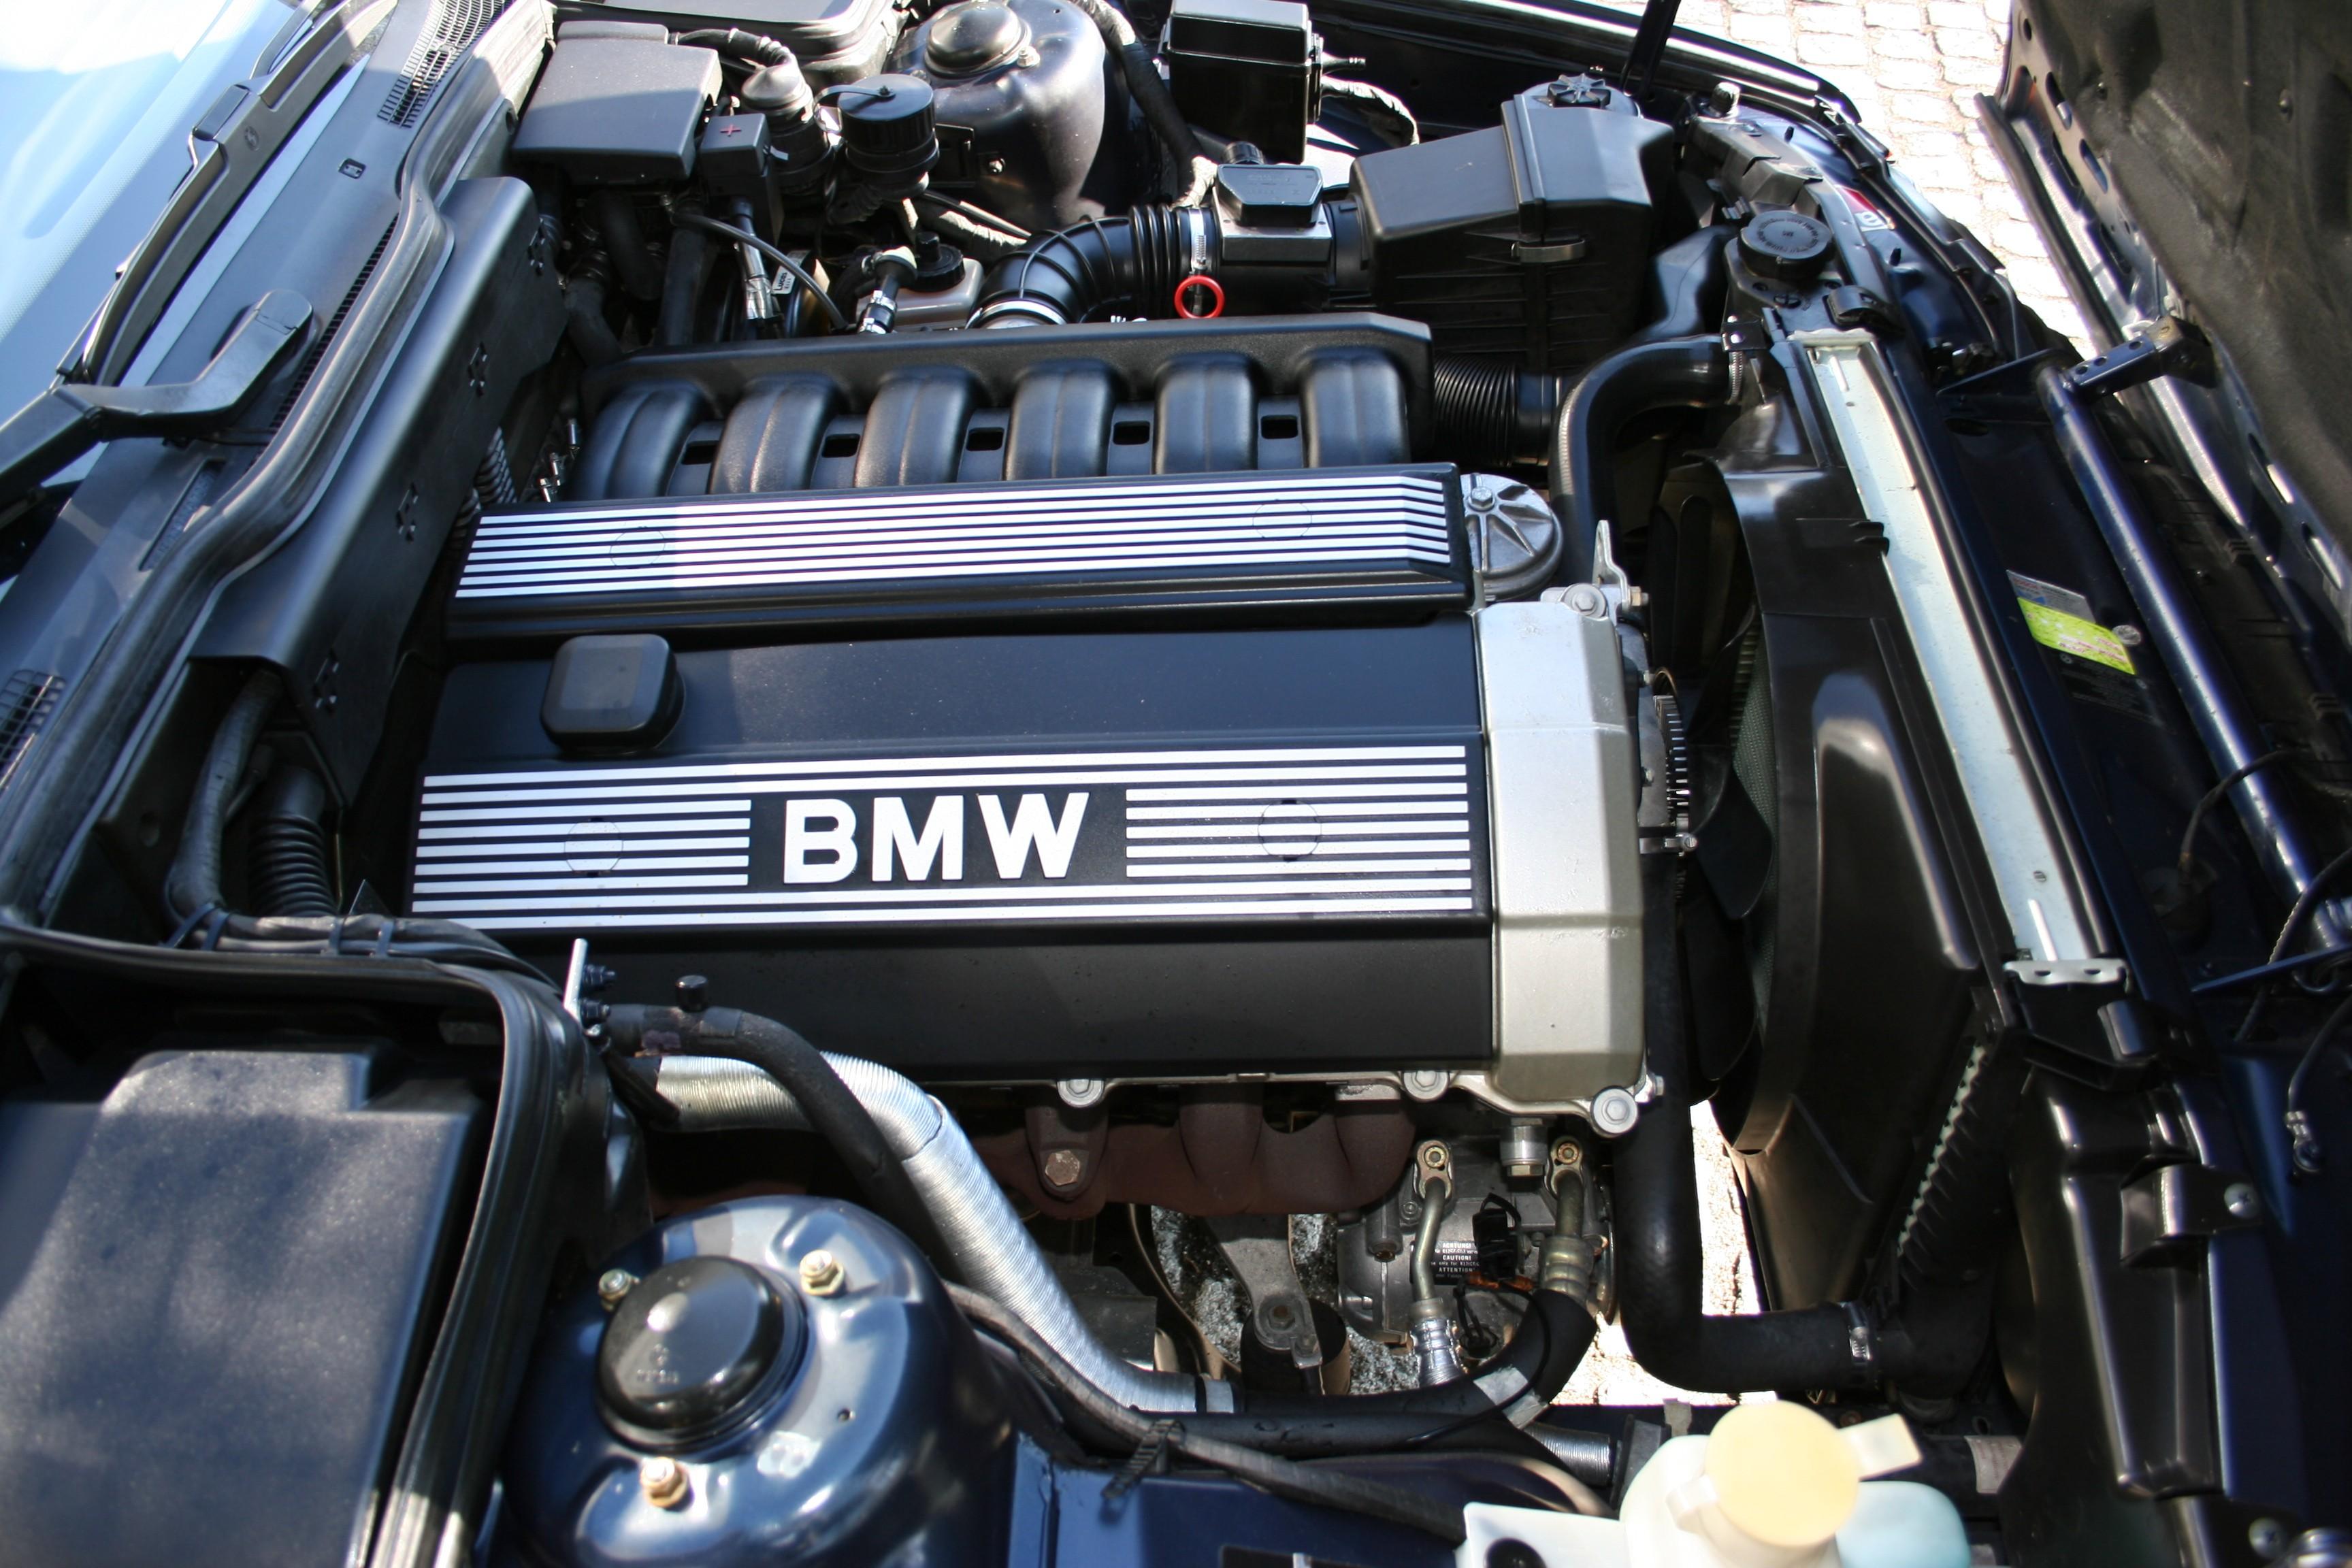 Bmw E34 Engine Diagram - Schematics Wiring Diagrams •